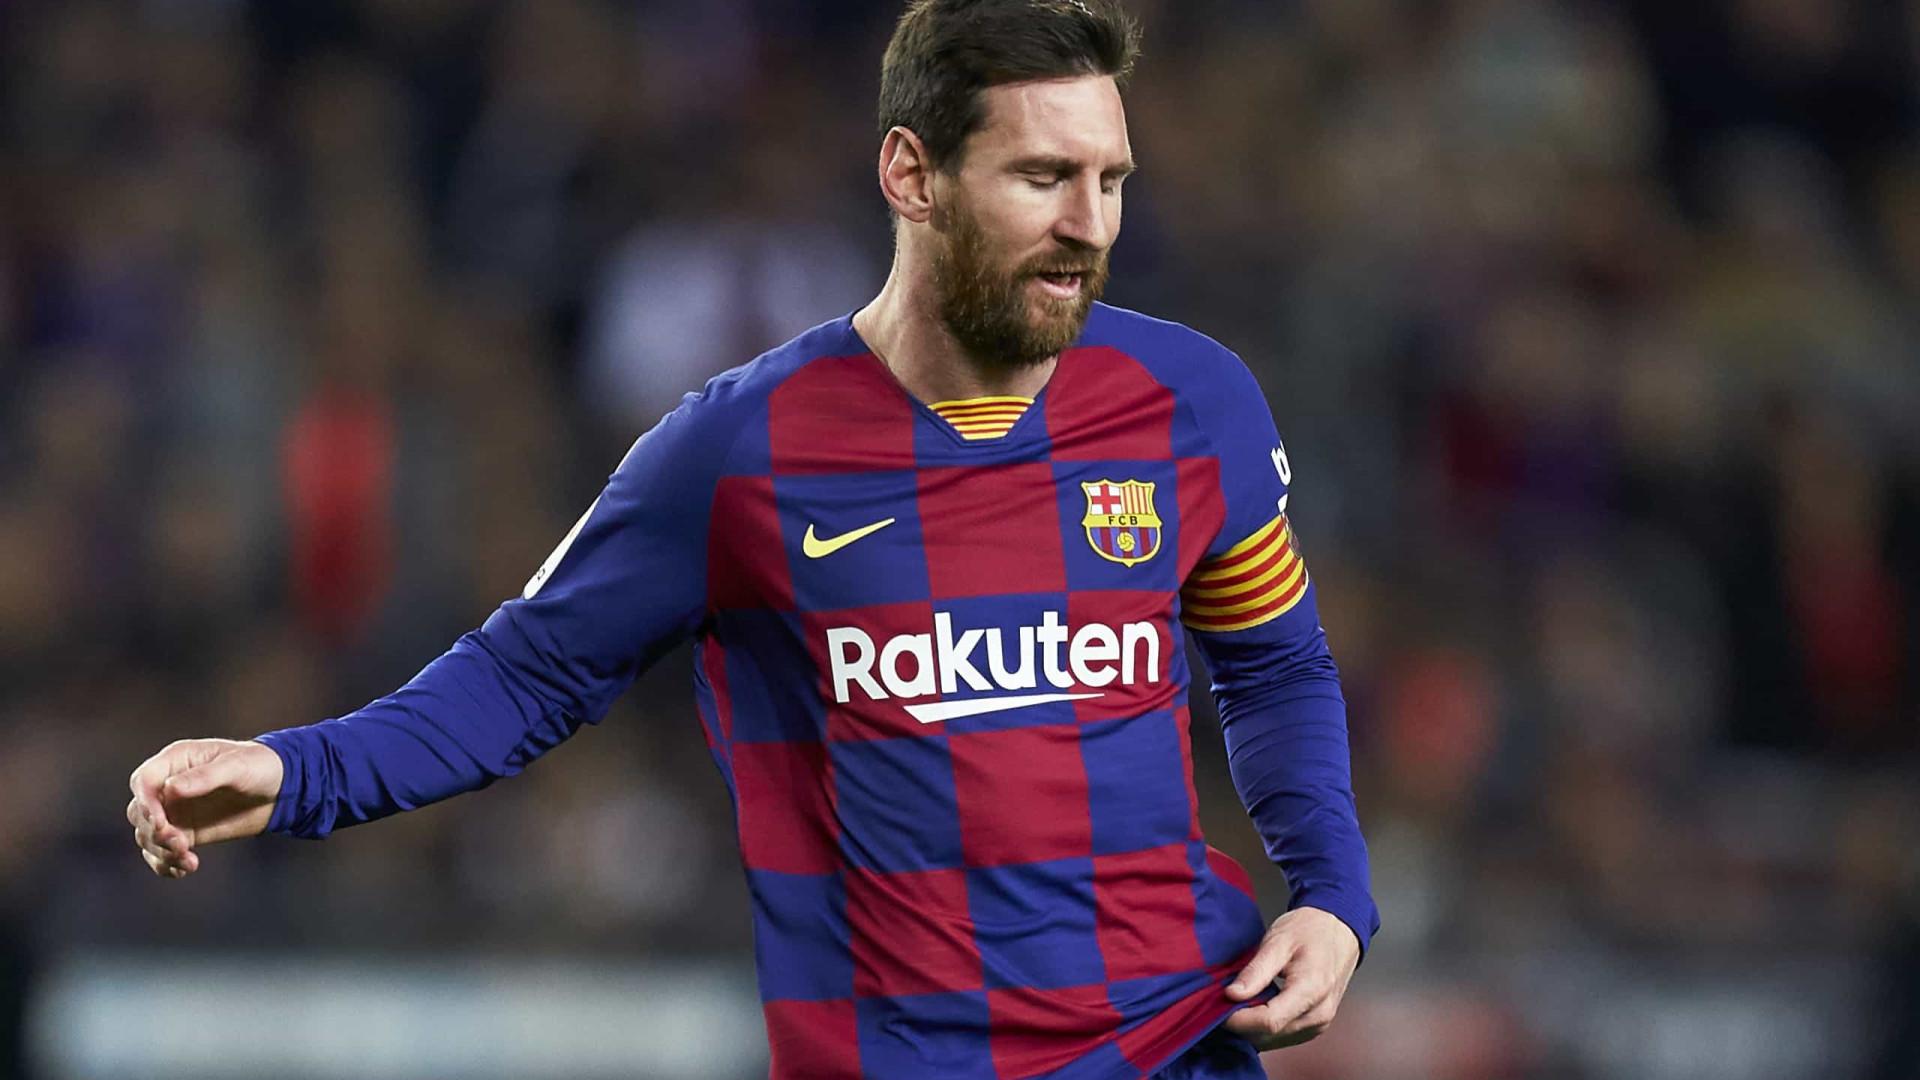 Com brilho de Messi, Barcelona goleia Ferencváros na estreia na Liga dos Campeões